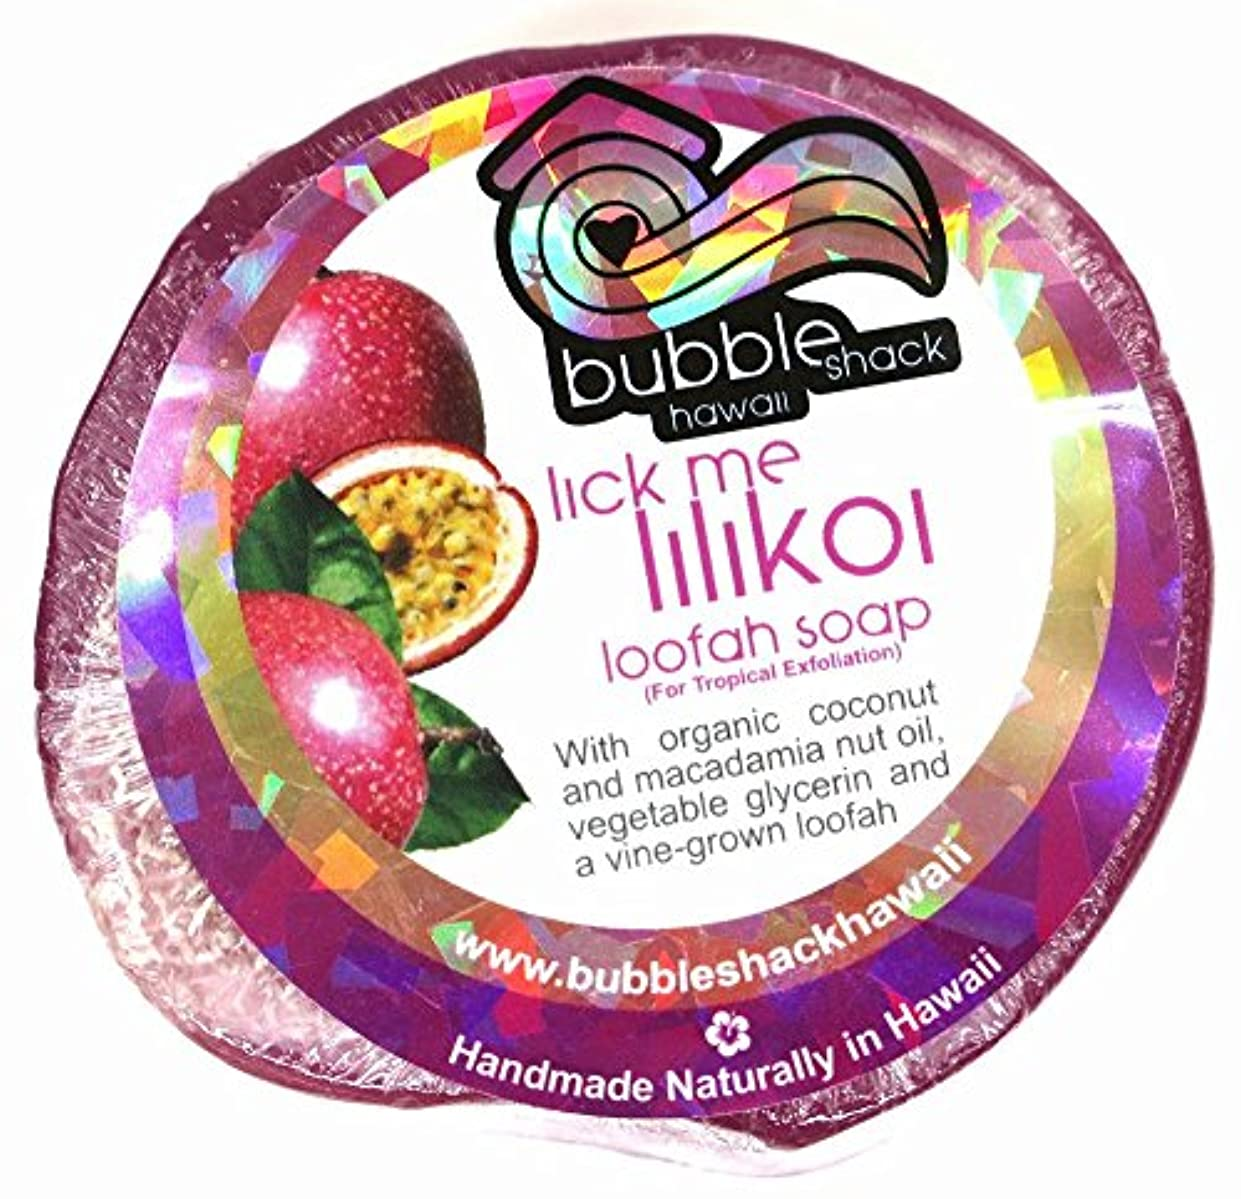 段落辛い憂鬱なハワイアン雑貨/ハワイ 雑貨【バブルシャック】Bubble Shack Hawaii ルーファーソープ(リックミーリリコイ) 【お土産】